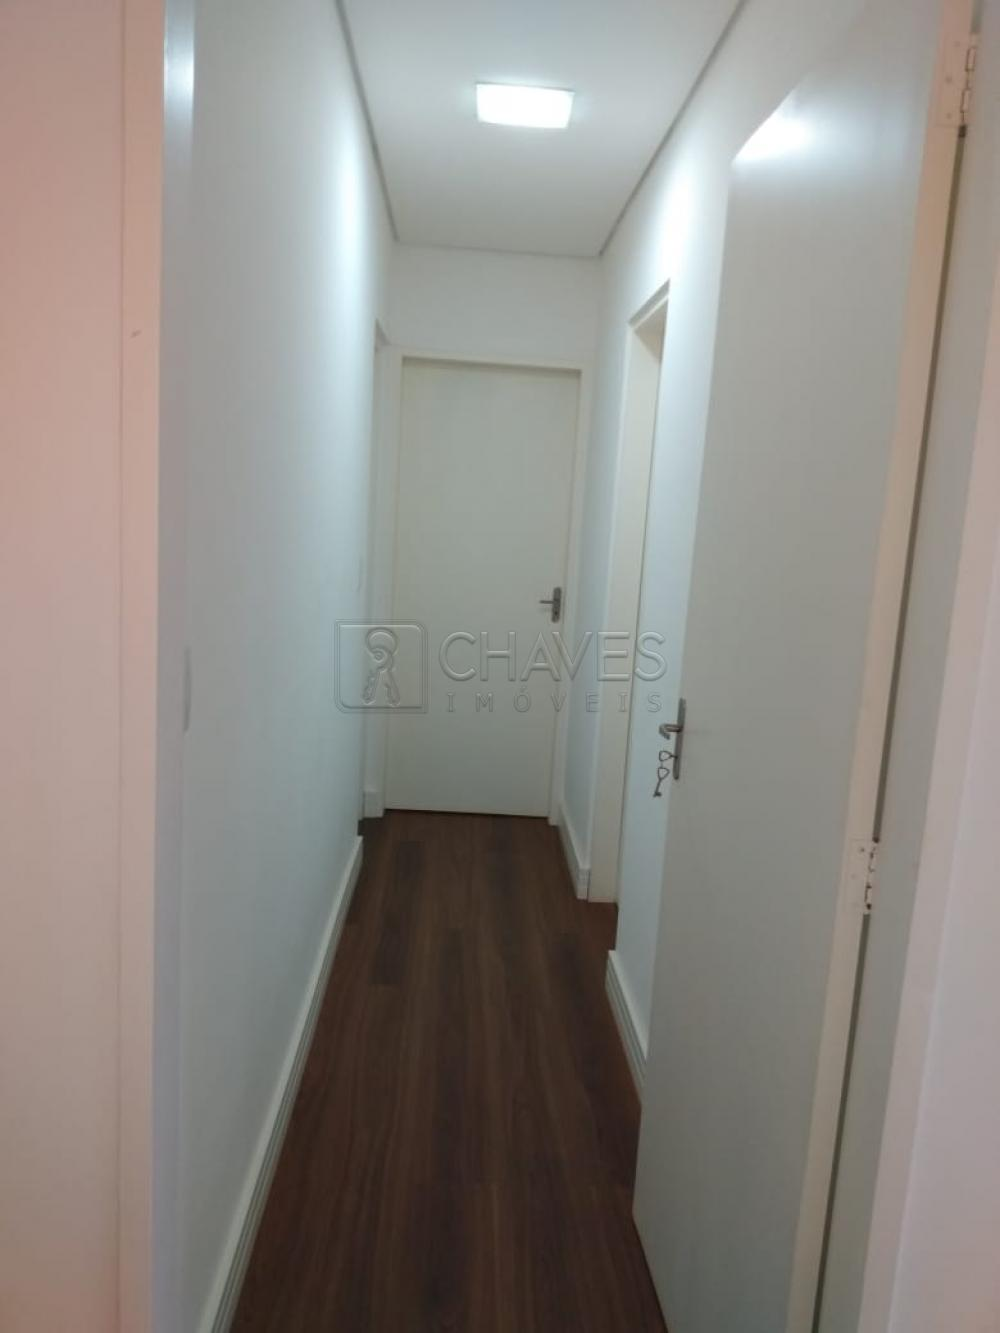 Comprar Apartamento / Padrão em Brodowski R$ 150.000,00 - Foto 7